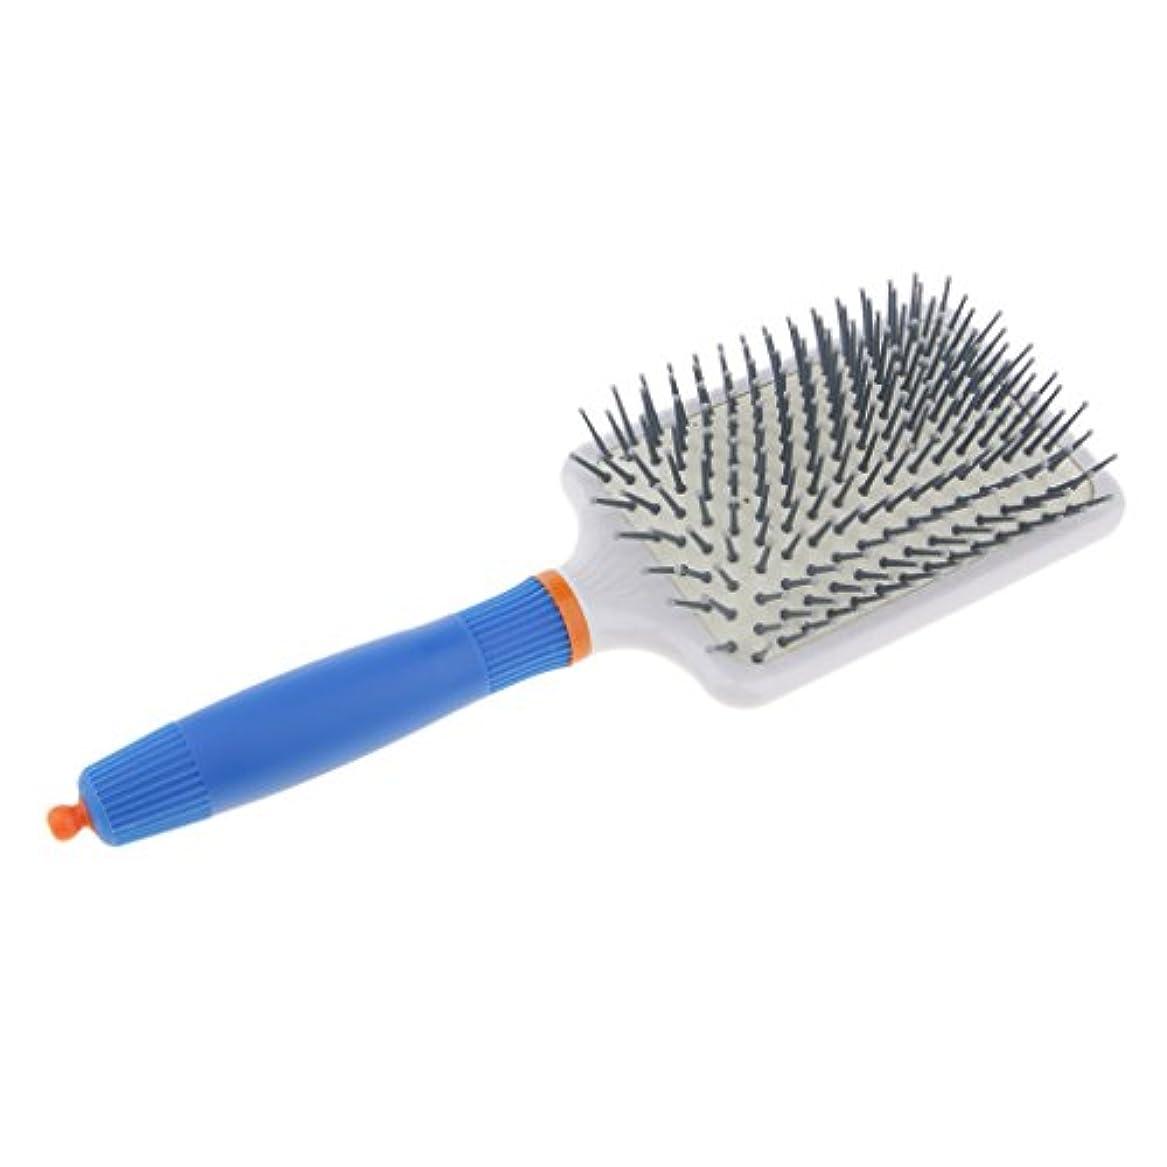 解釈的スクラップ時々ヘアブラシ くし エアバッグ 静電気防止 頭皮マッサージ 櫛 ヘアコーム 全2色 - ダークブルー